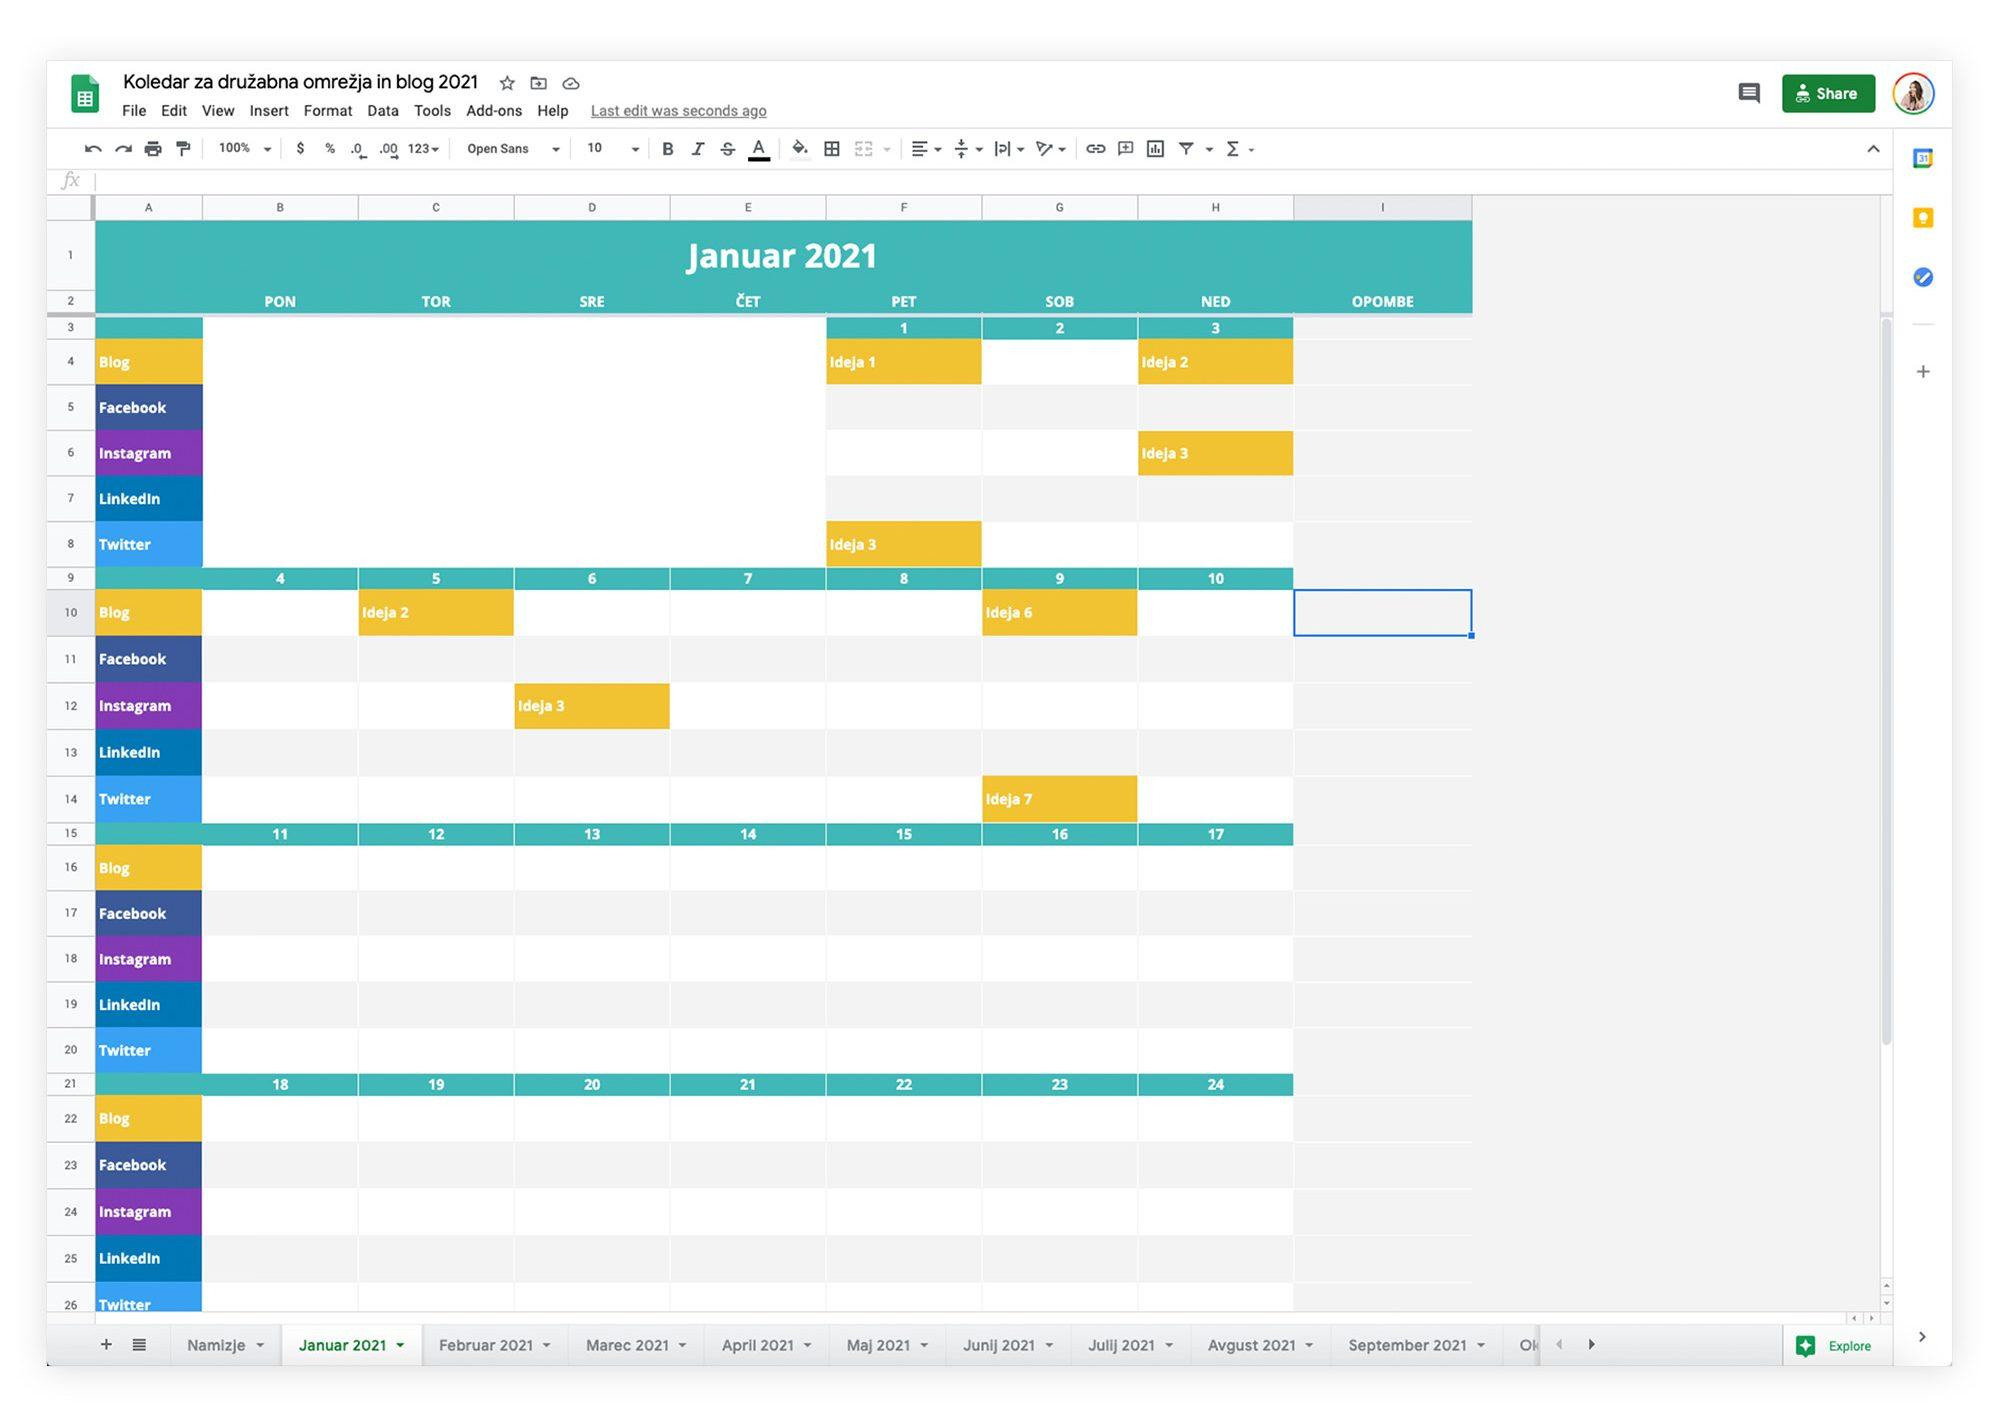 Načrtovalnik za družabna omrežja in blog 2021